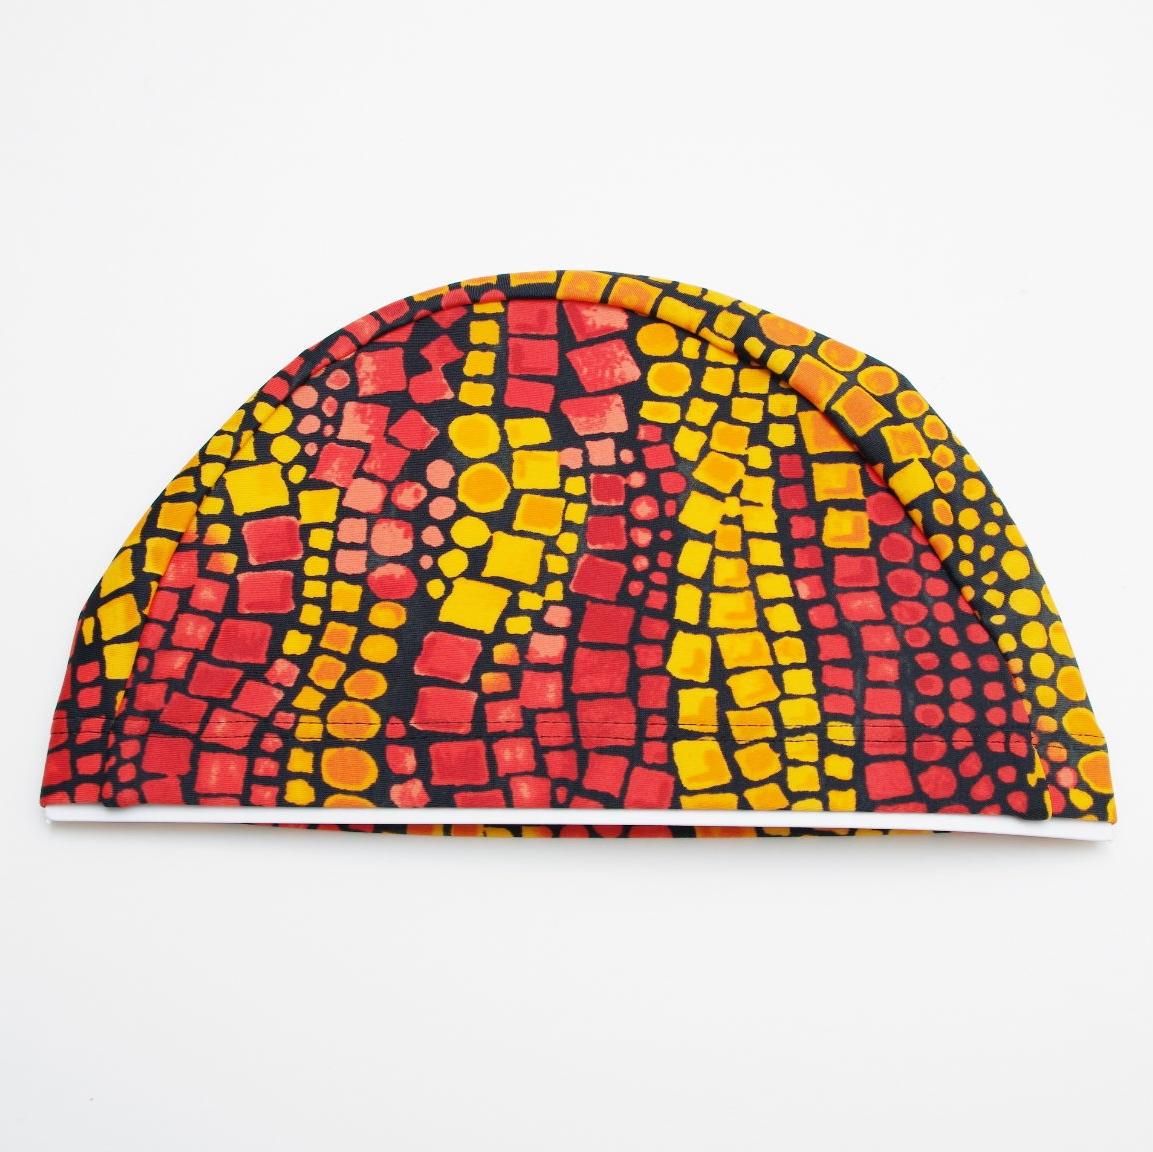 水泳帽レディース スイムキャップ 大人用 フリーサイズ F164744